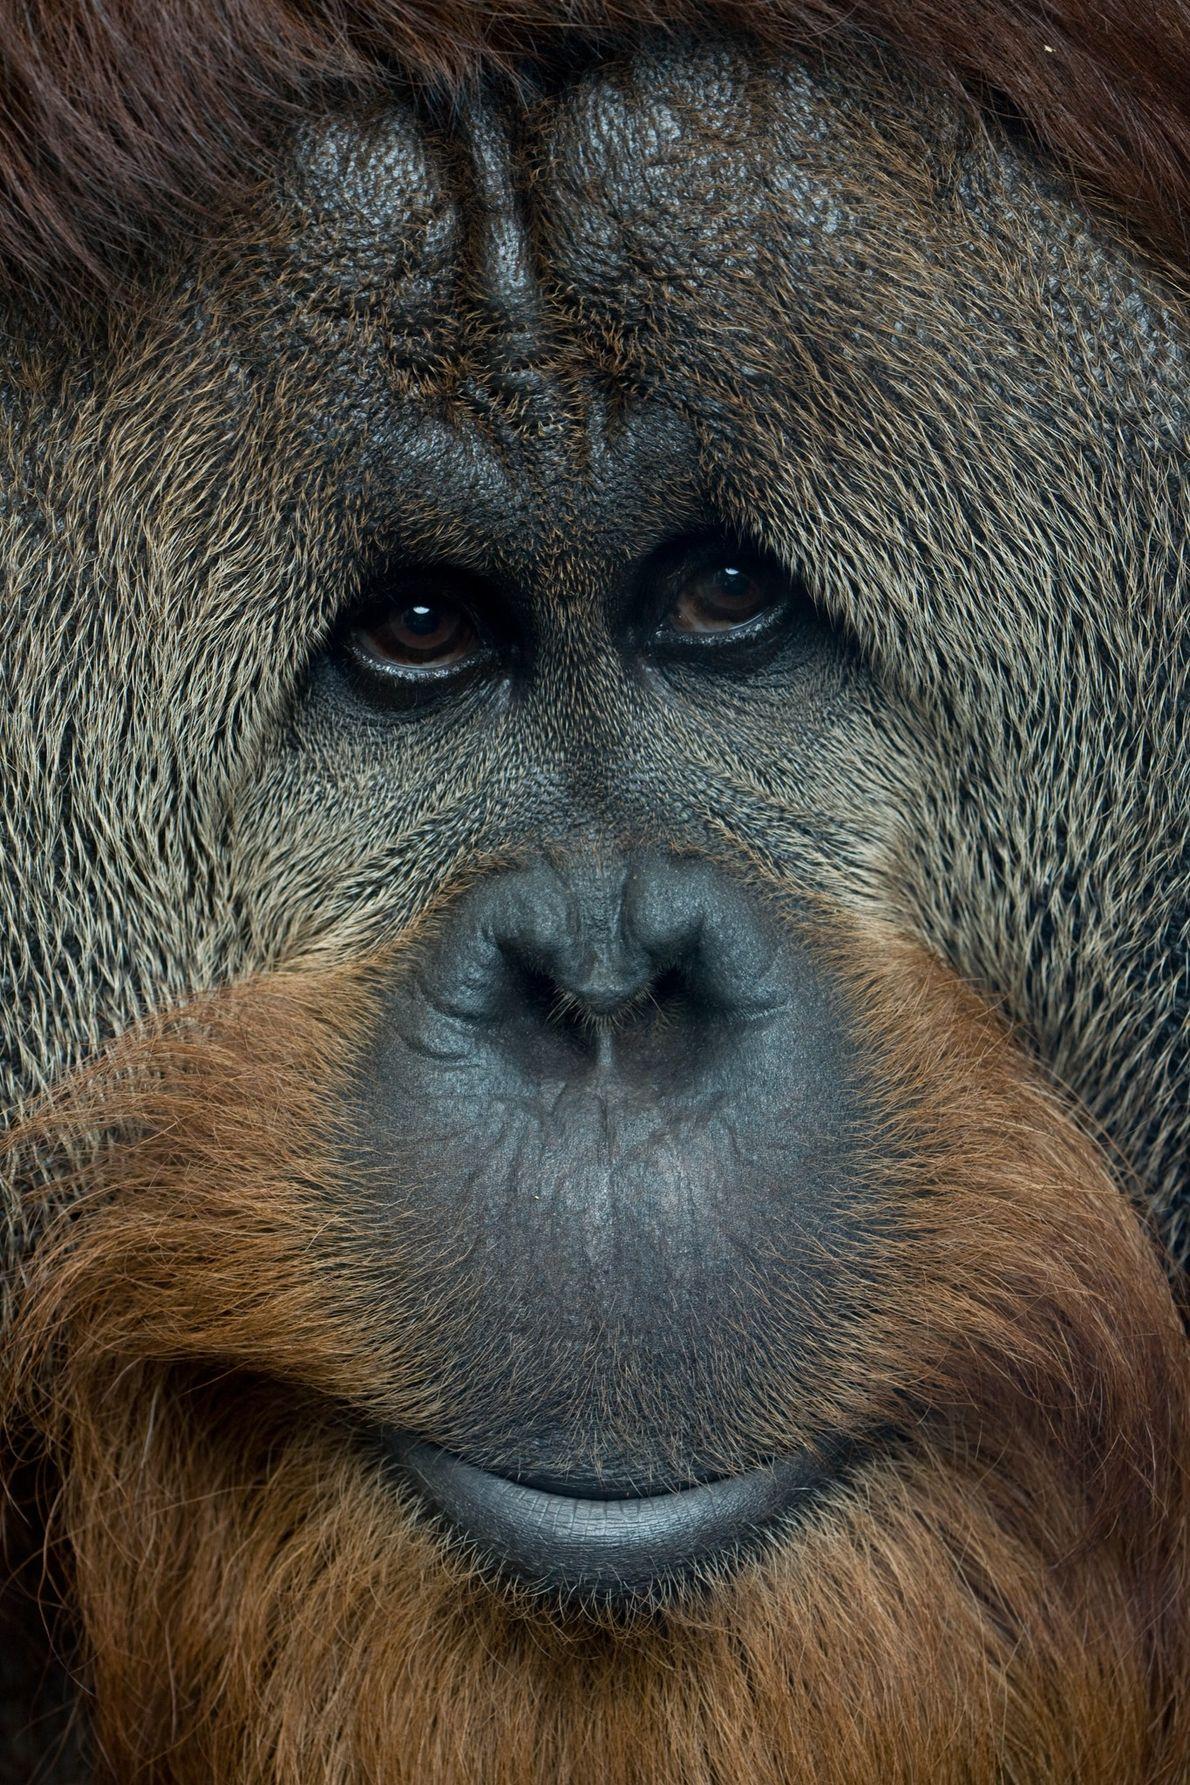 Dans la nature, des populations individuelles d'orangs-outans ont développé des comportements uniques, comme celui d'utiliser des …